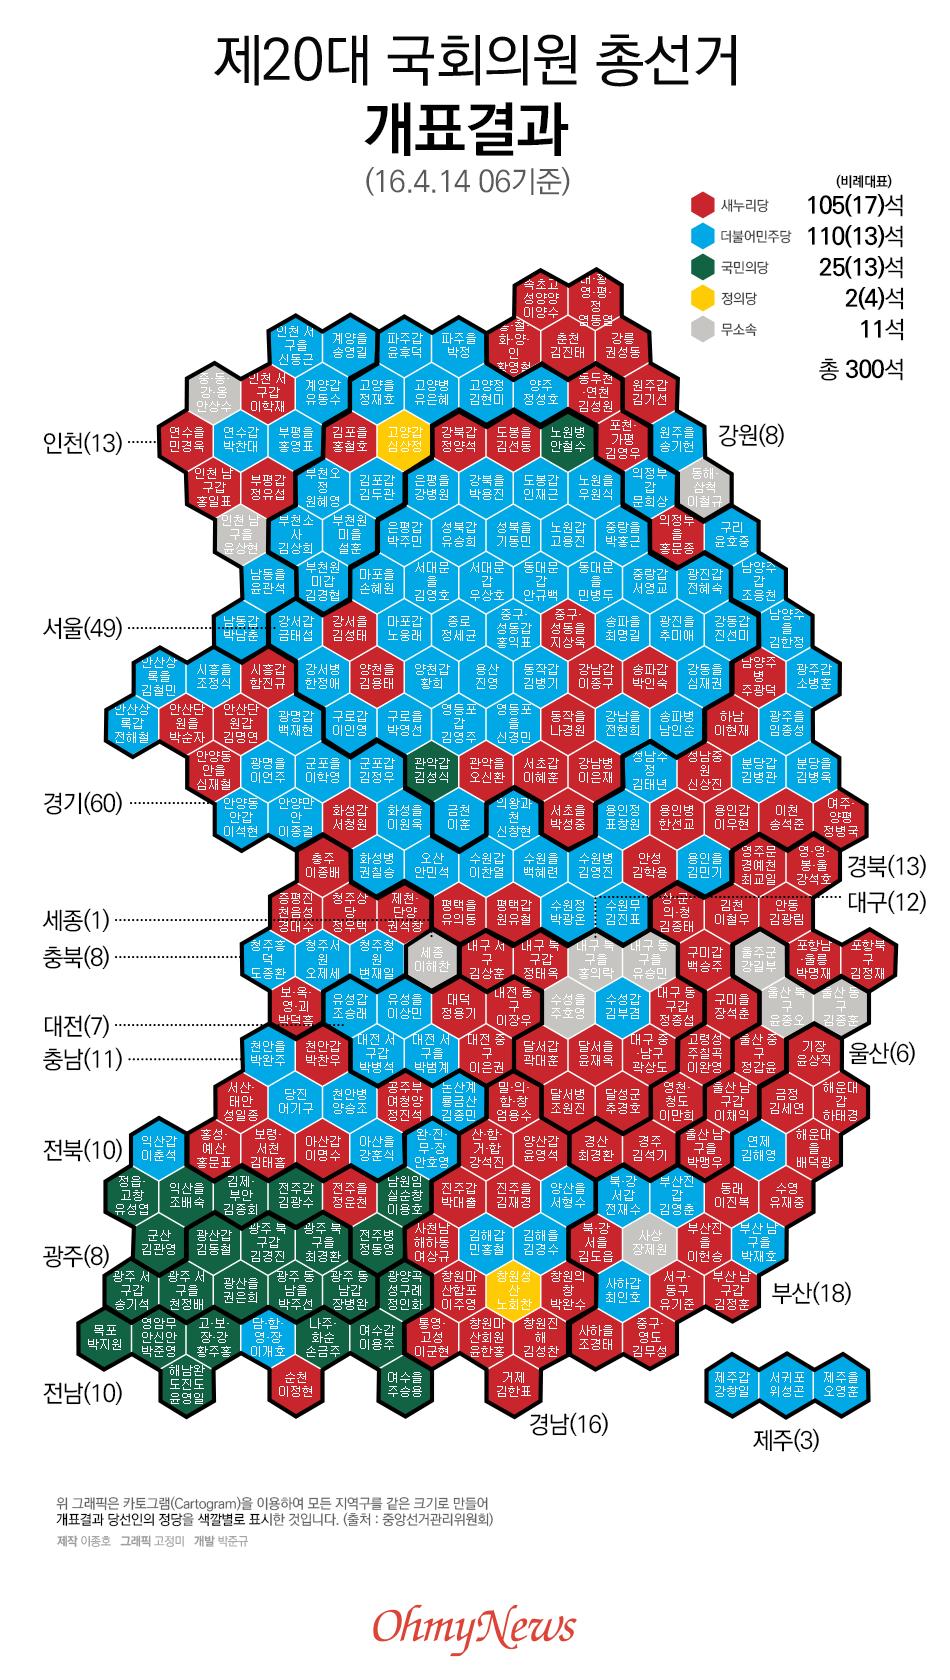 제20대 국회의원 총선거 개표결과